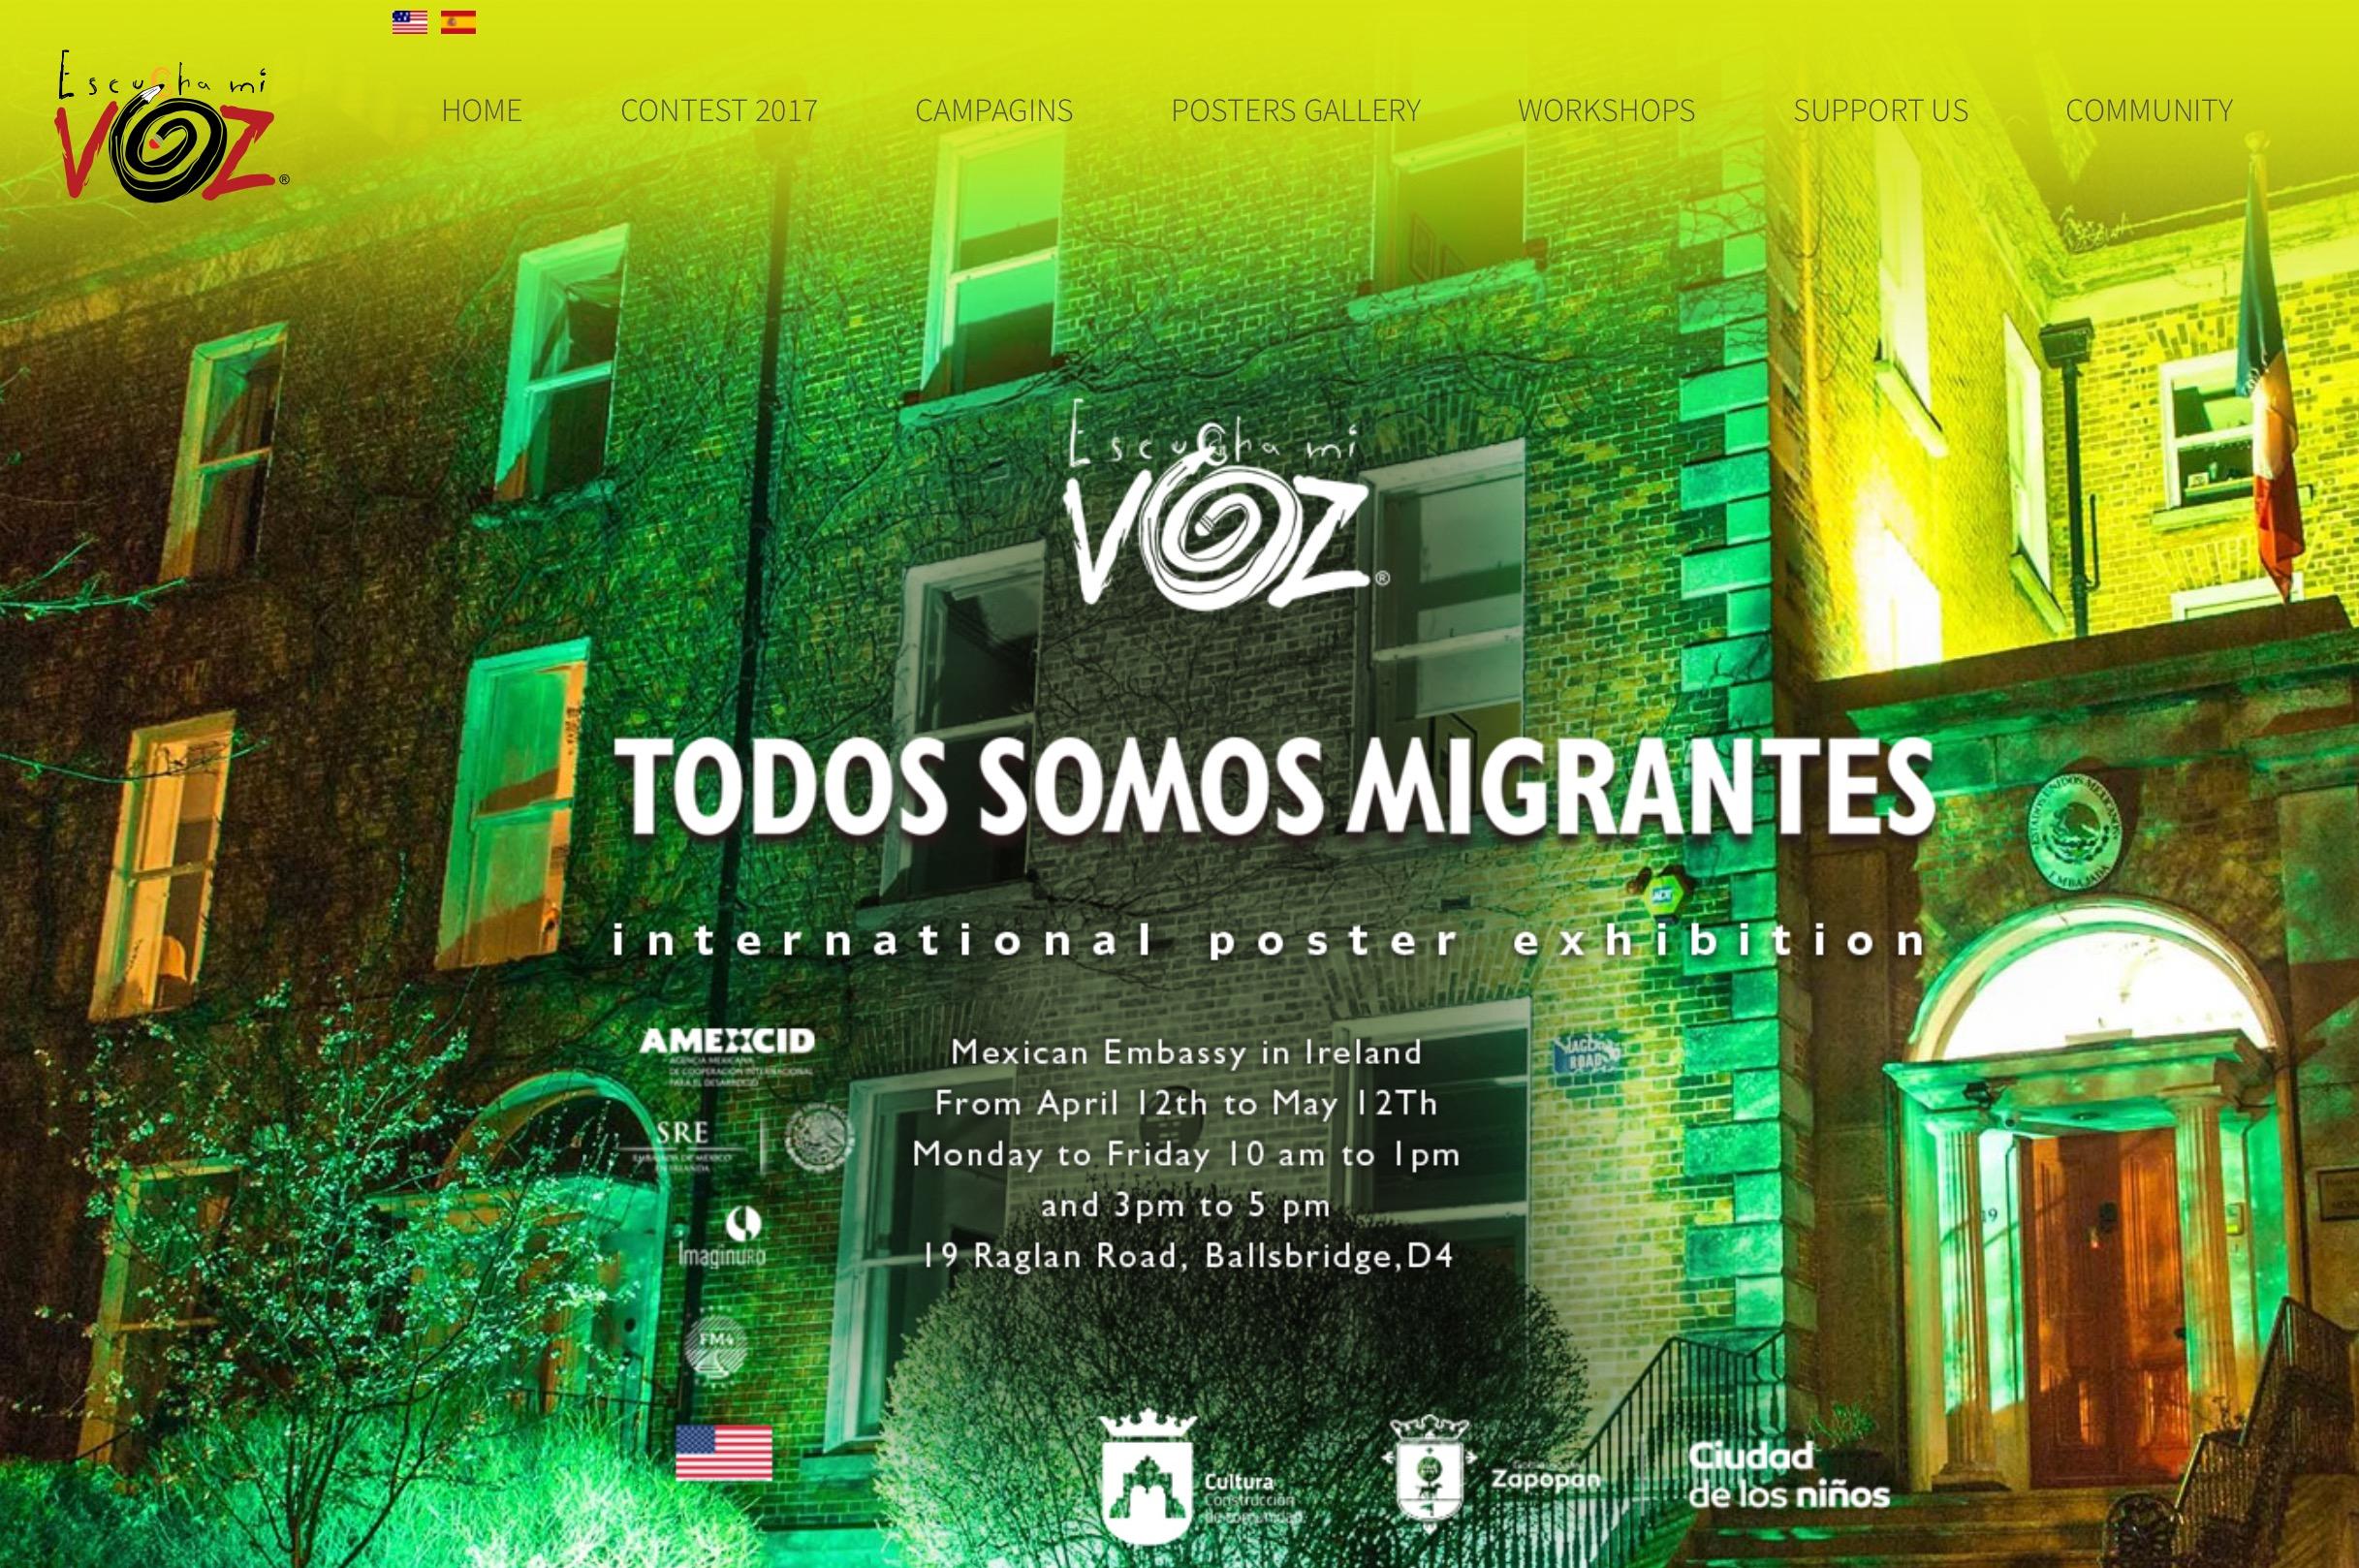 We Are All MIgrants – Todos Somos Migrantes